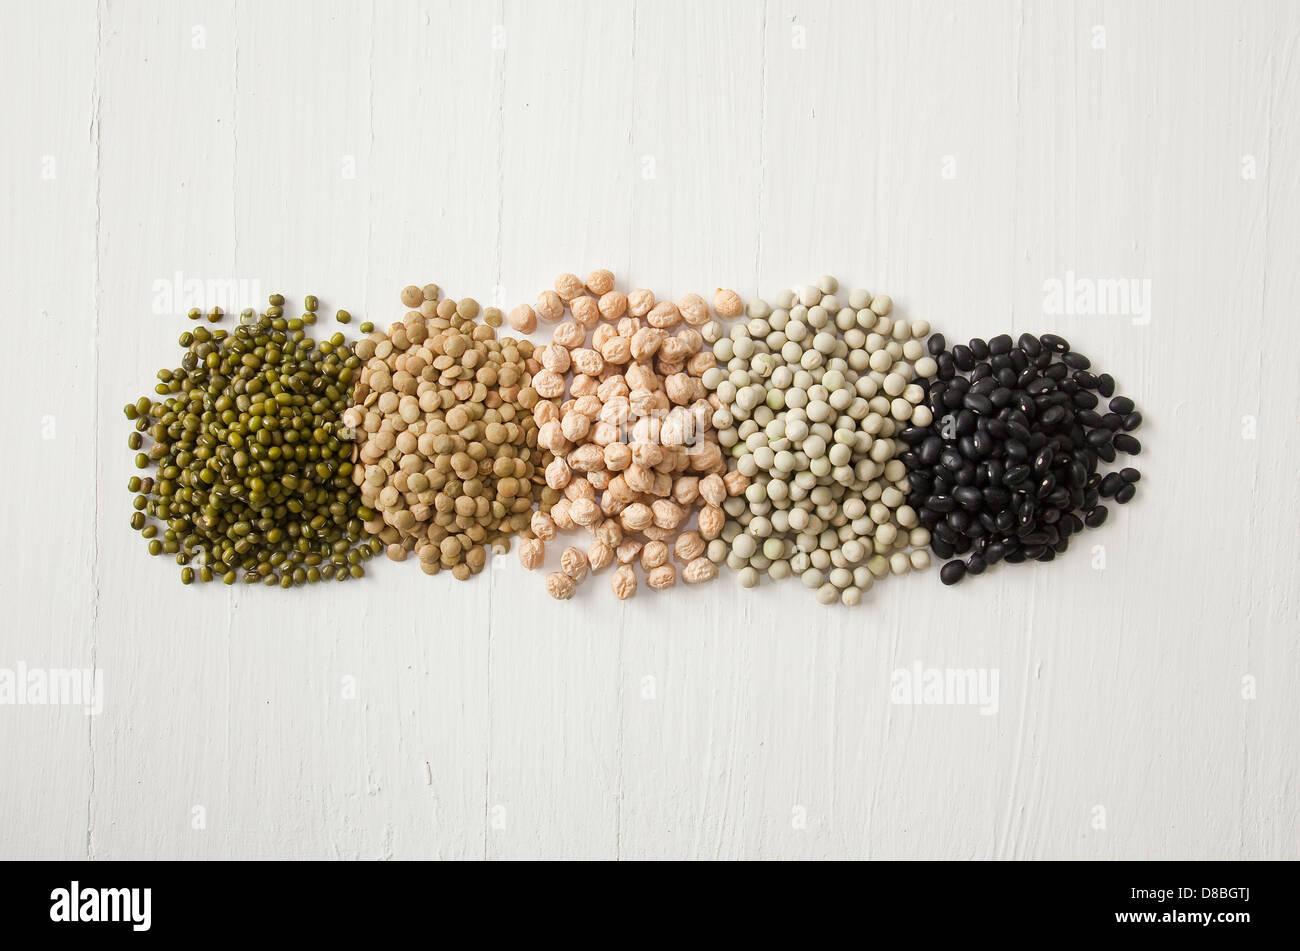 Pile di piselli, fagioli, lenticchie, germogli e impulsi in una linea su un rustico di superficie di legno. Immagini Stock